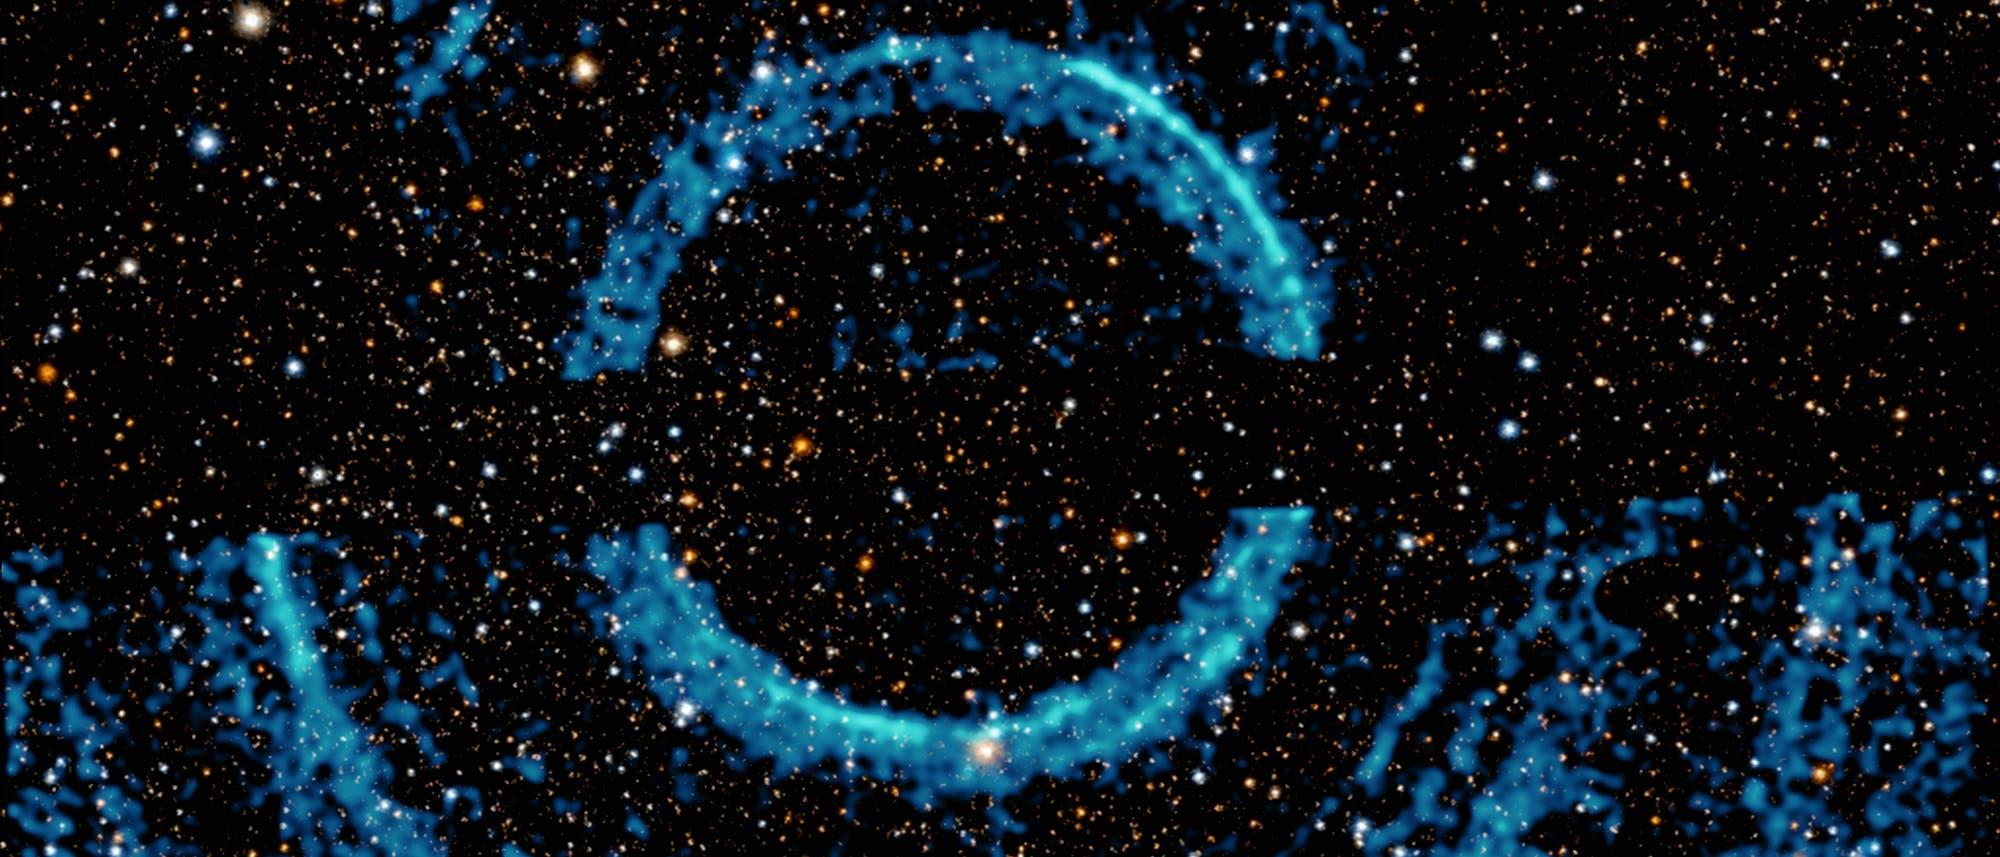 Röntgenechos um V404 Cygni, dargestellt als blaue Ringe auf einer Abbildung des Sternenhimmels im sichtbaren Licht.